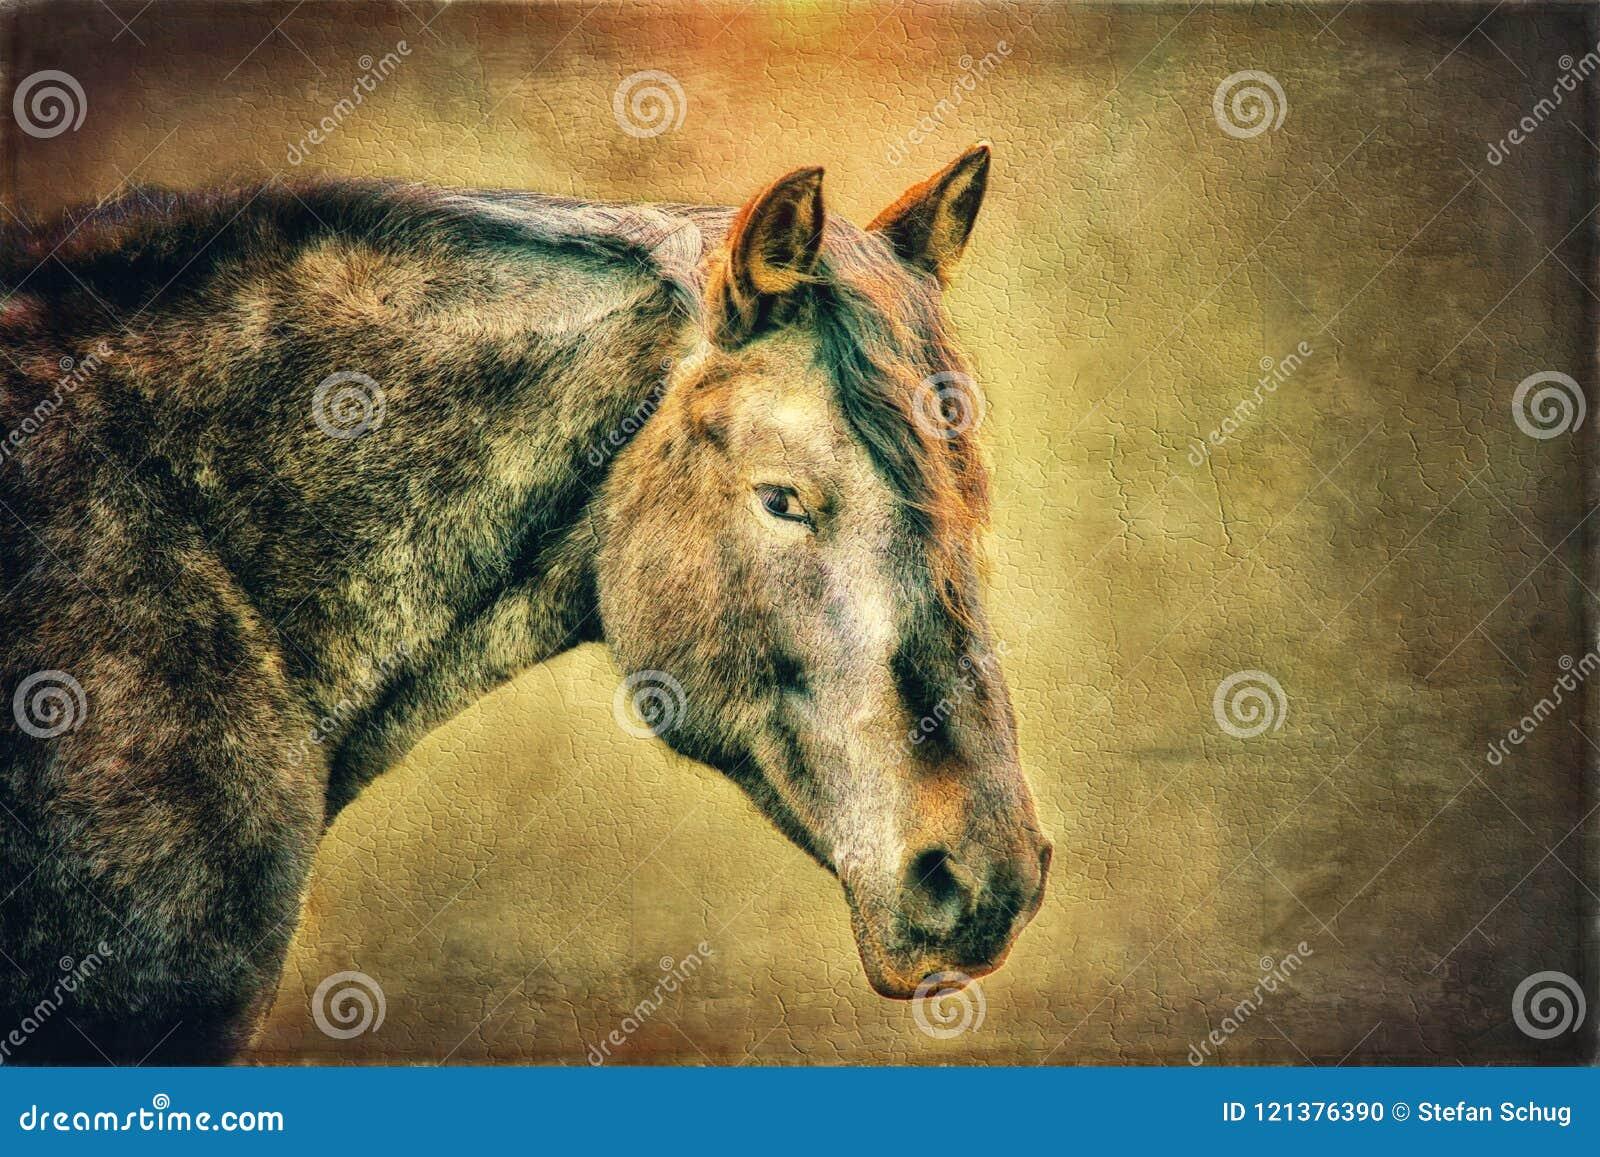 Mustango - Art Composite